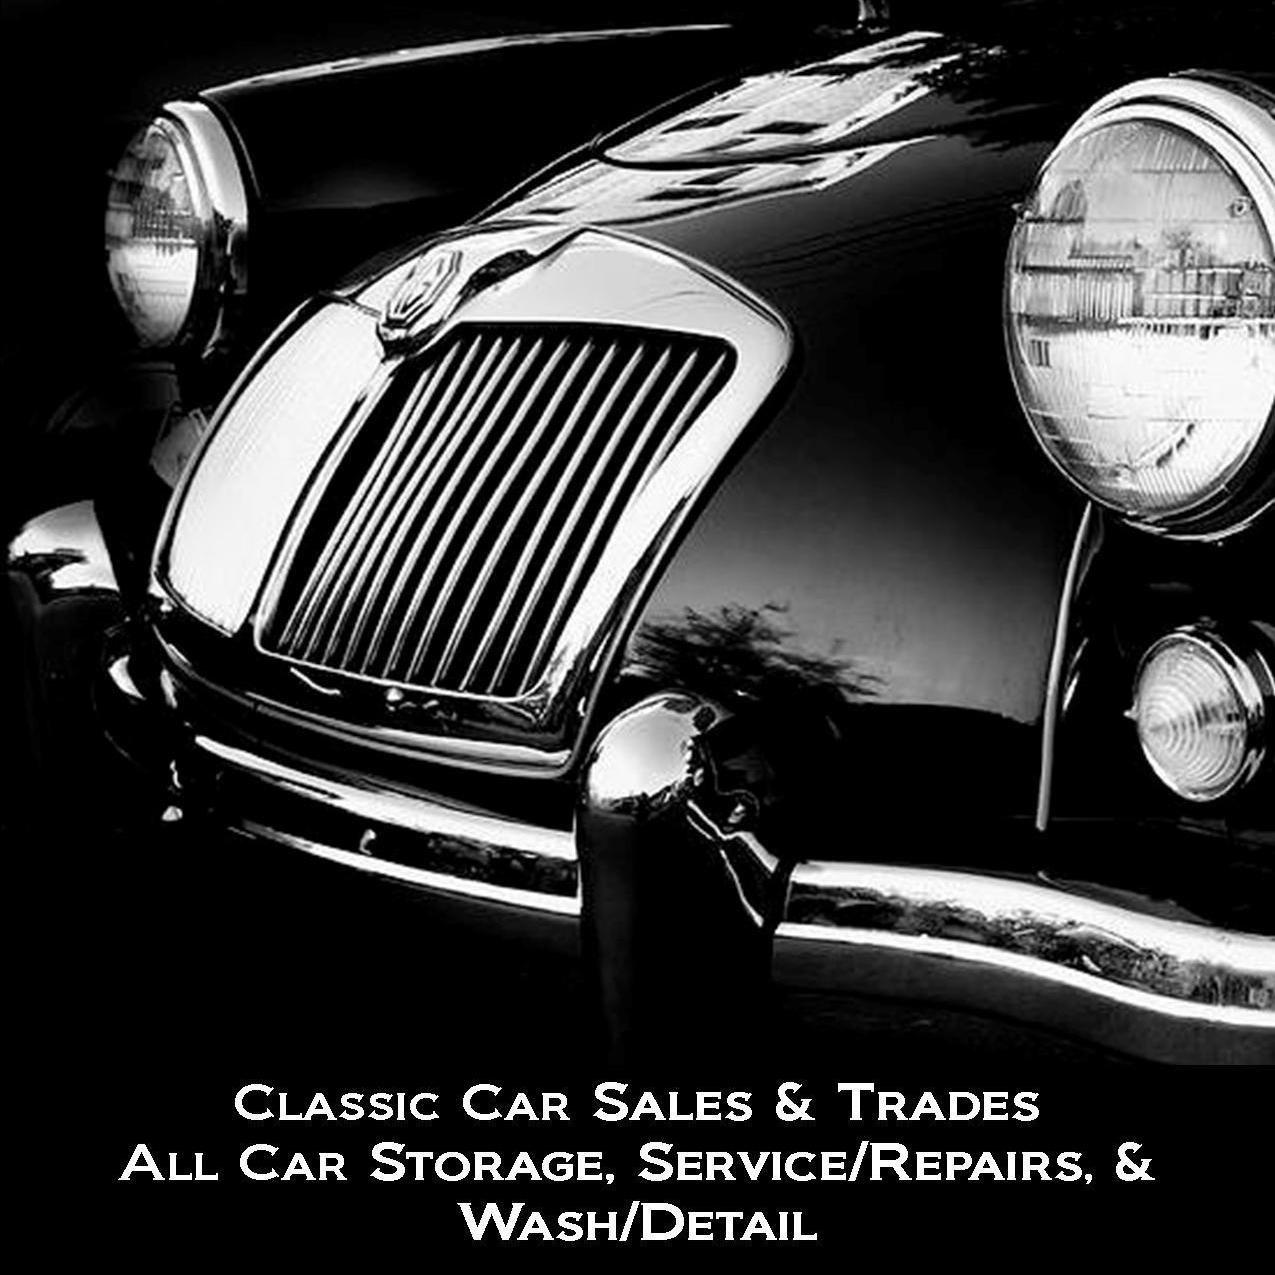 Classic Motors DC (@ClassicMotorsDC) | Twitter